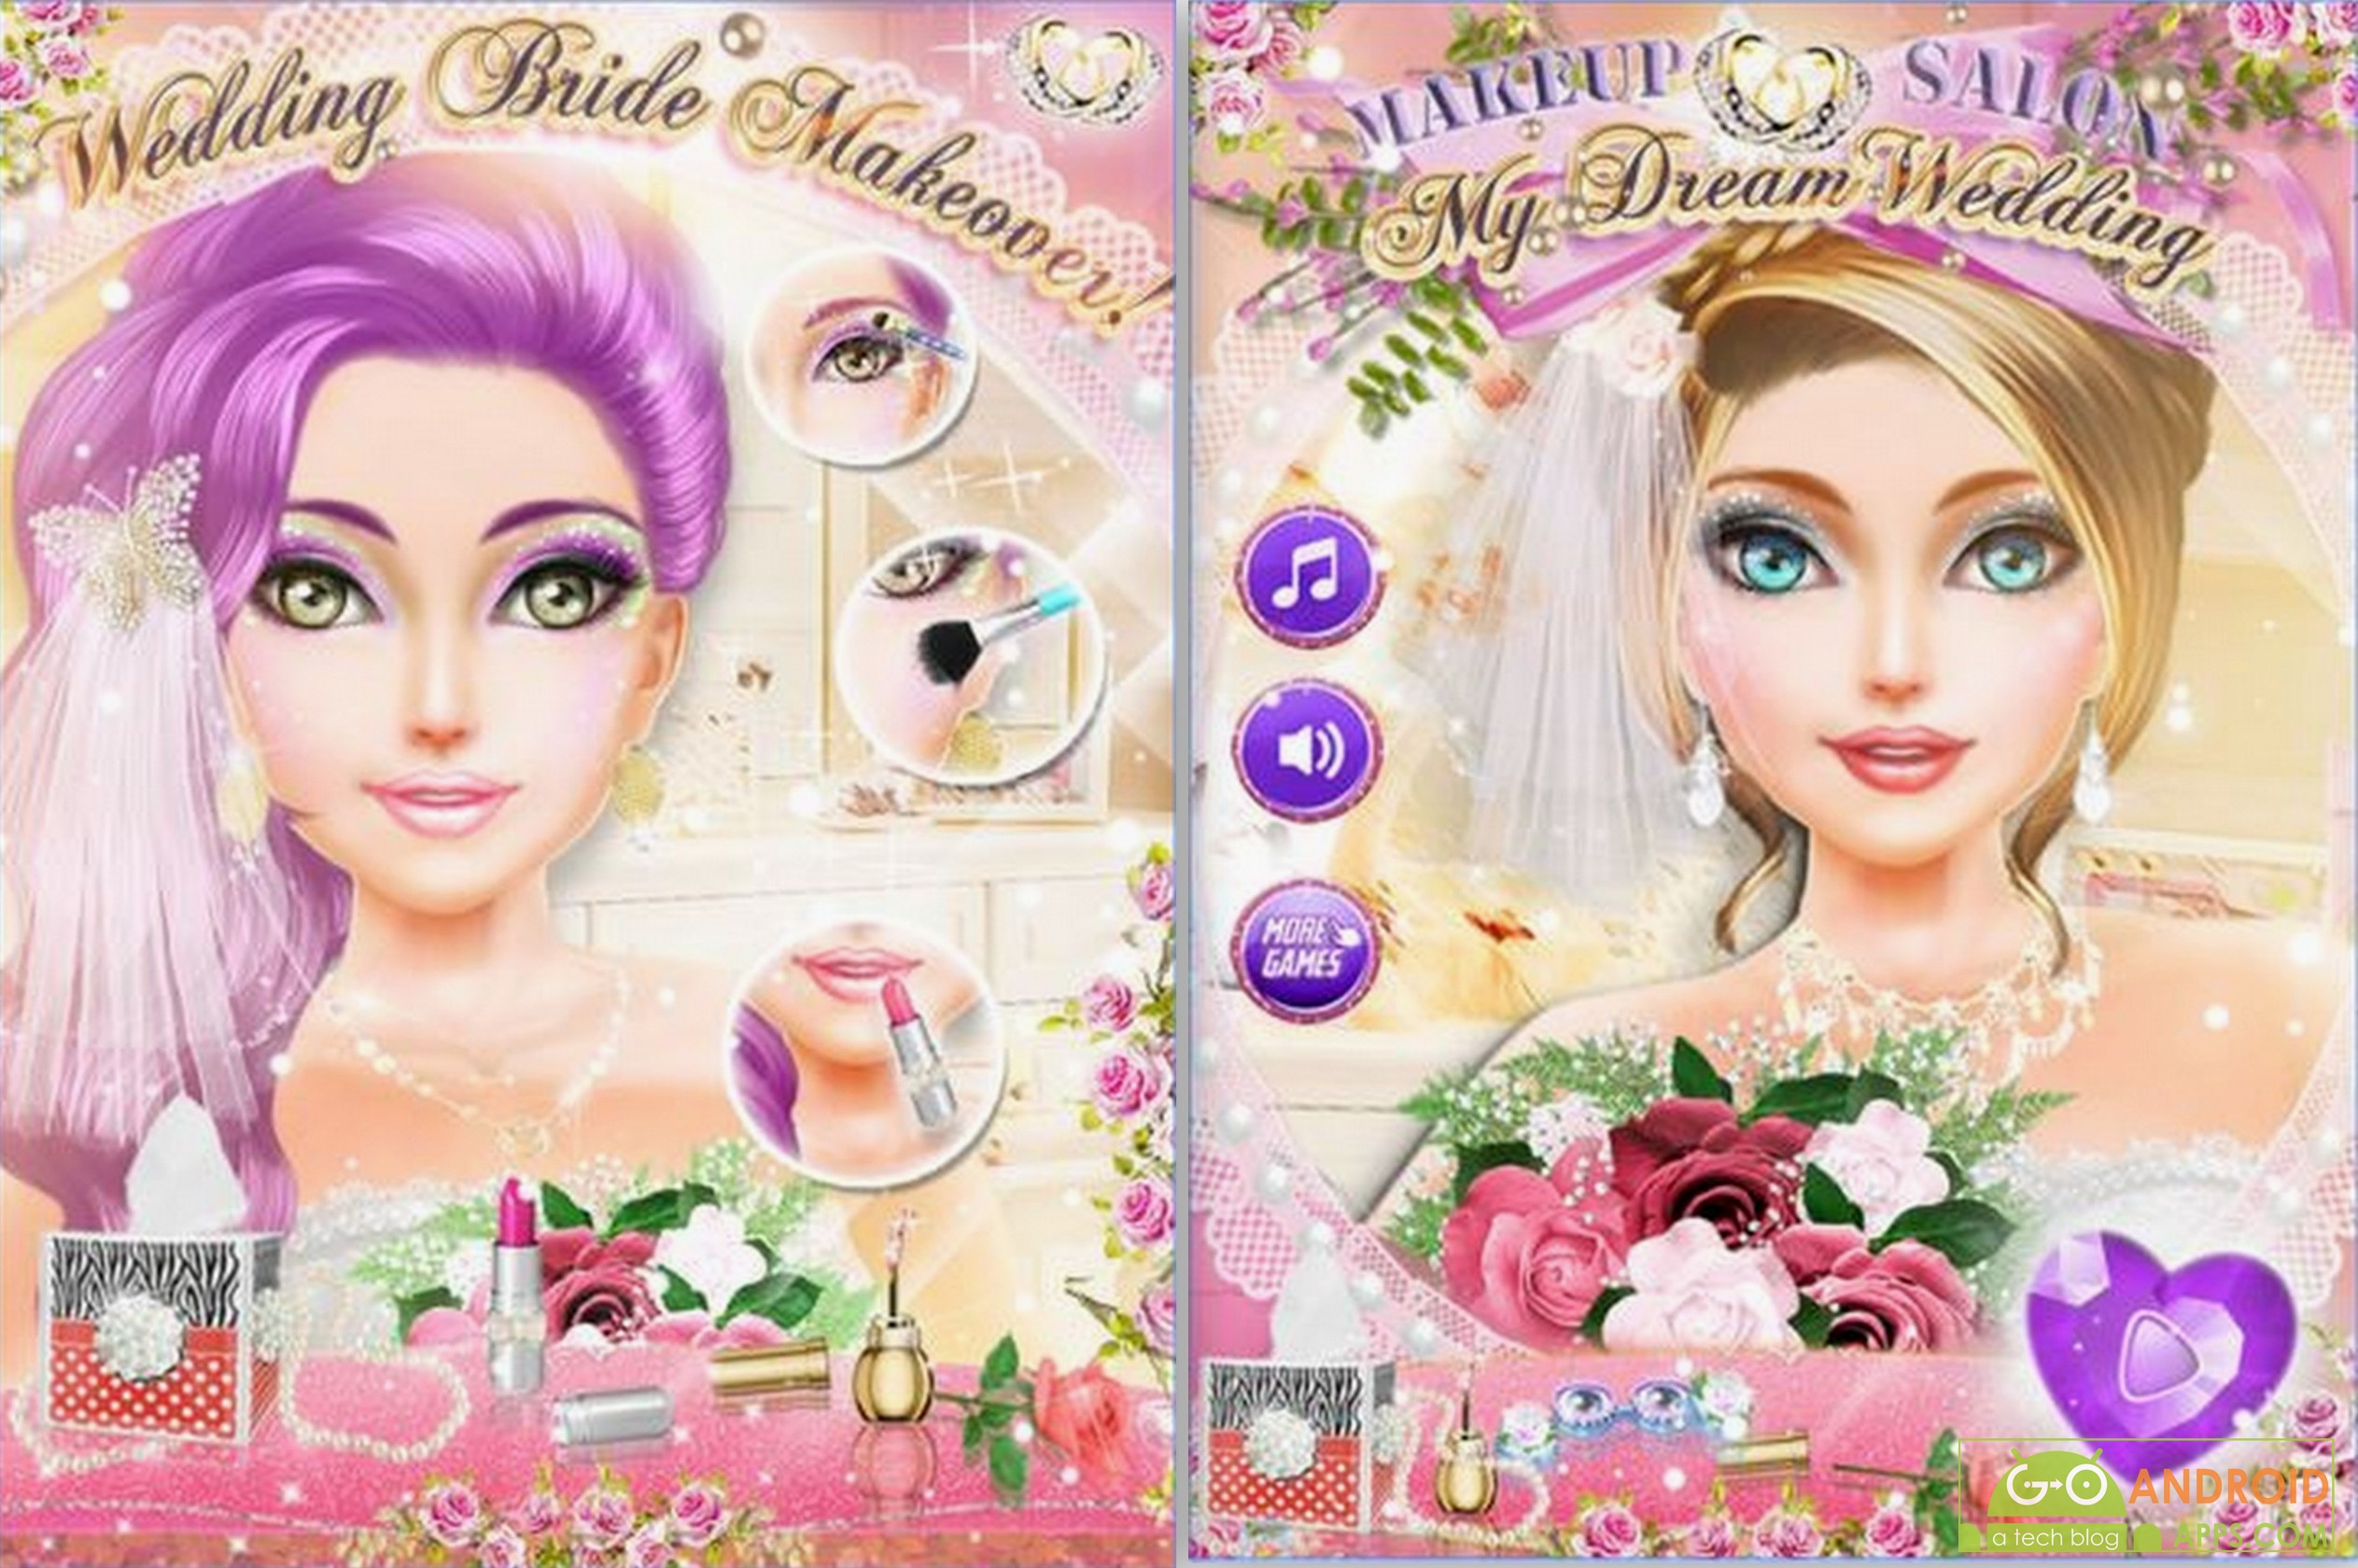 Fullsize Of Wedding Games For Girls